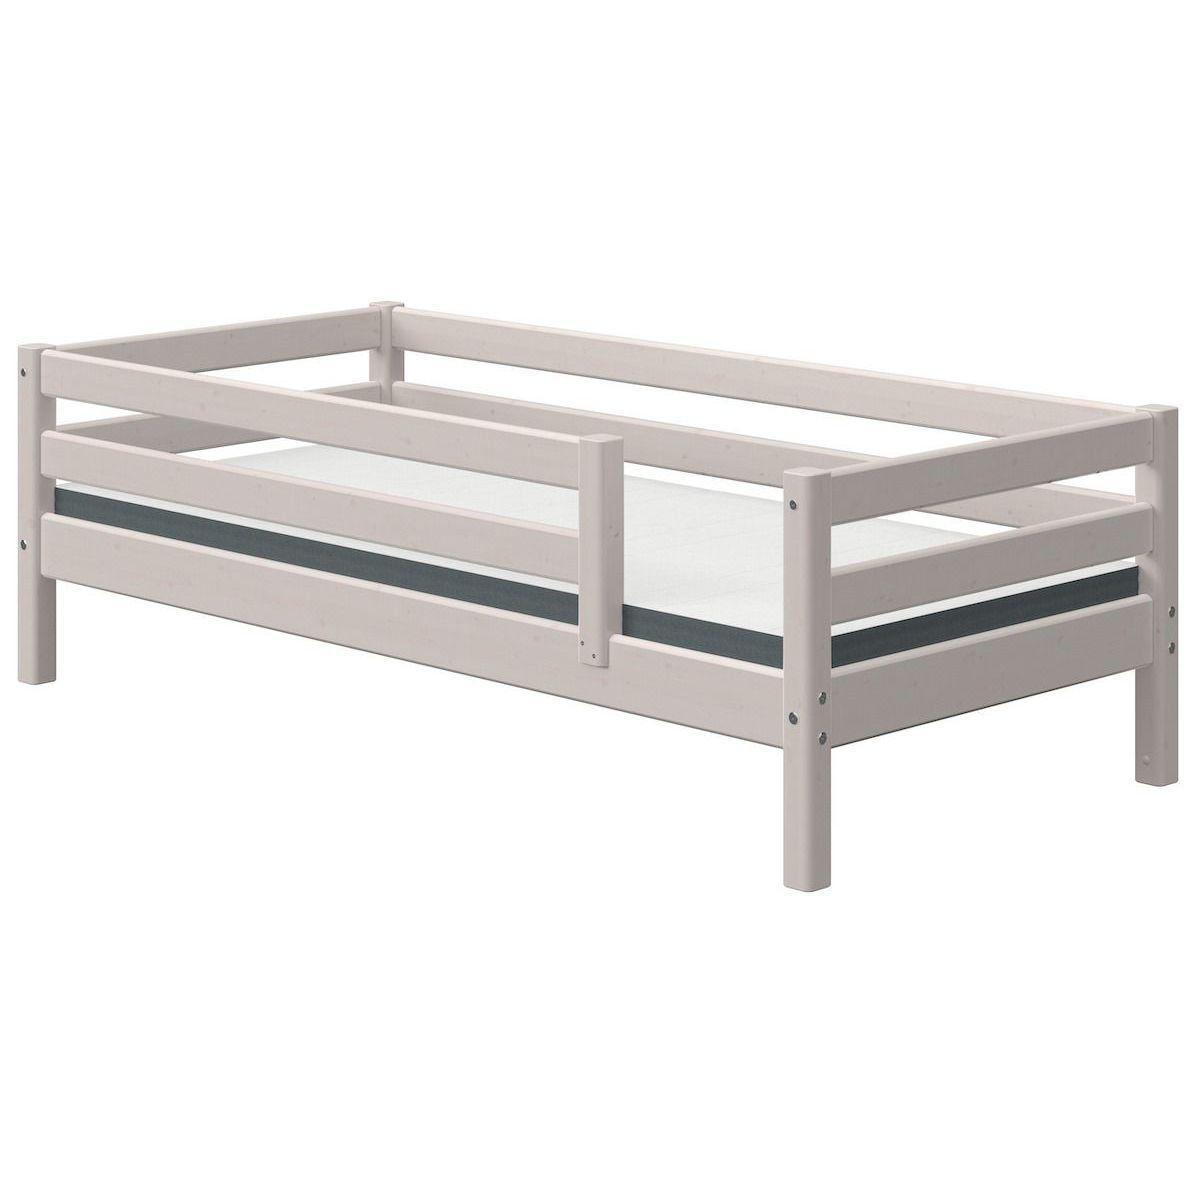 Lit banquette 90x190cm barrière de sécurité CLASSIC Flexa grey washed